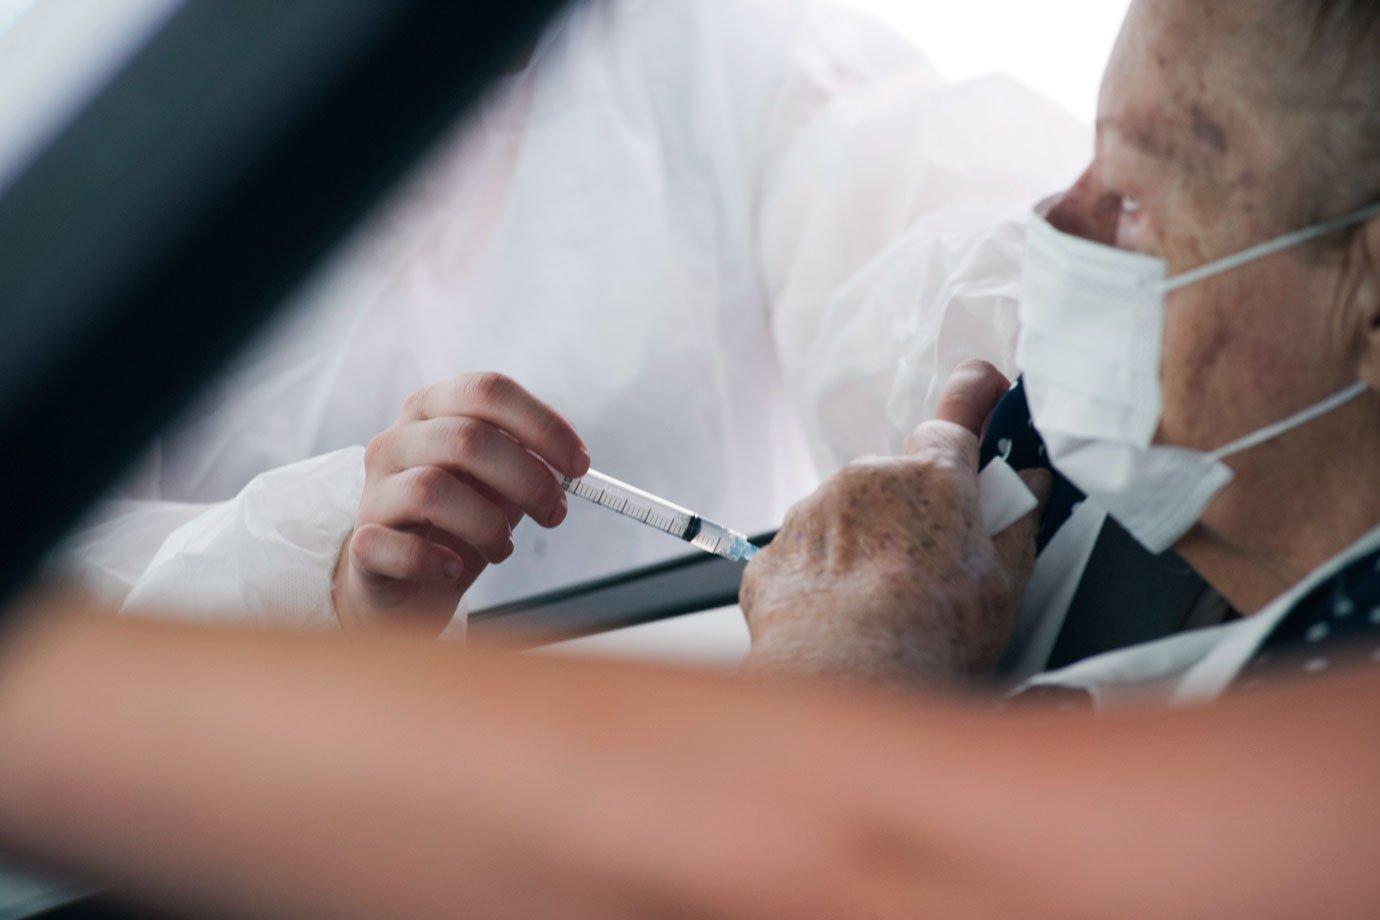 DOU traz aviso de dispensa de licitação para compra de vacinas Pfizer e Janssen